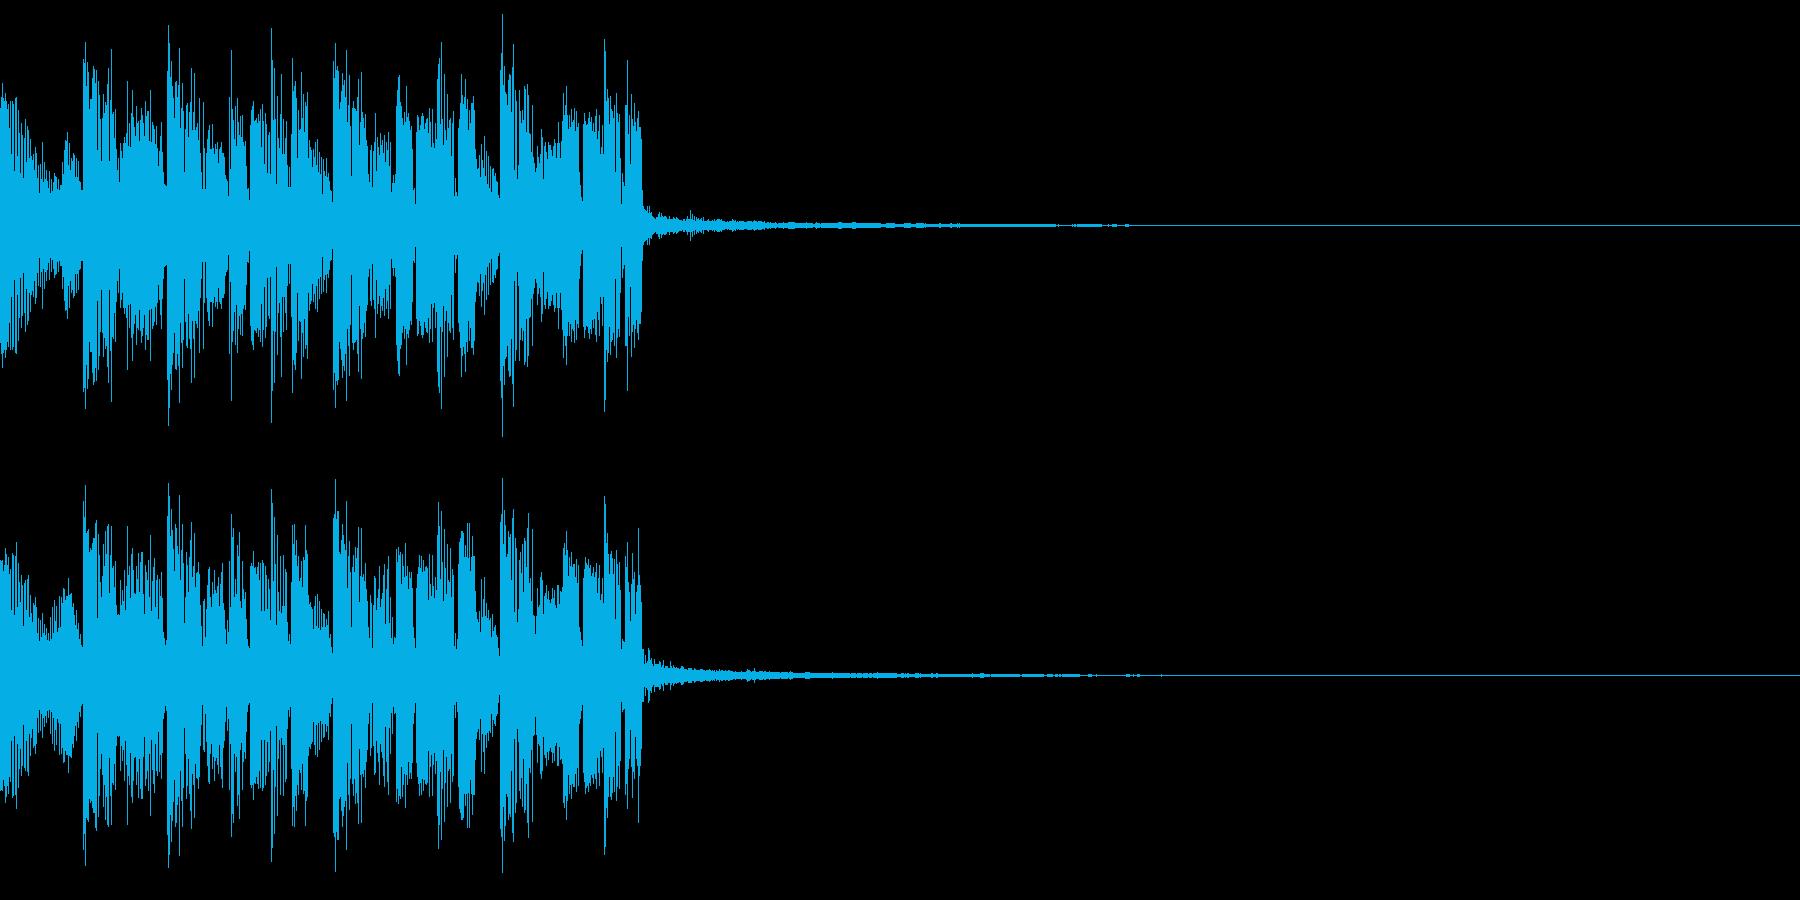 重低音のEDMジングルの再生済みの波形